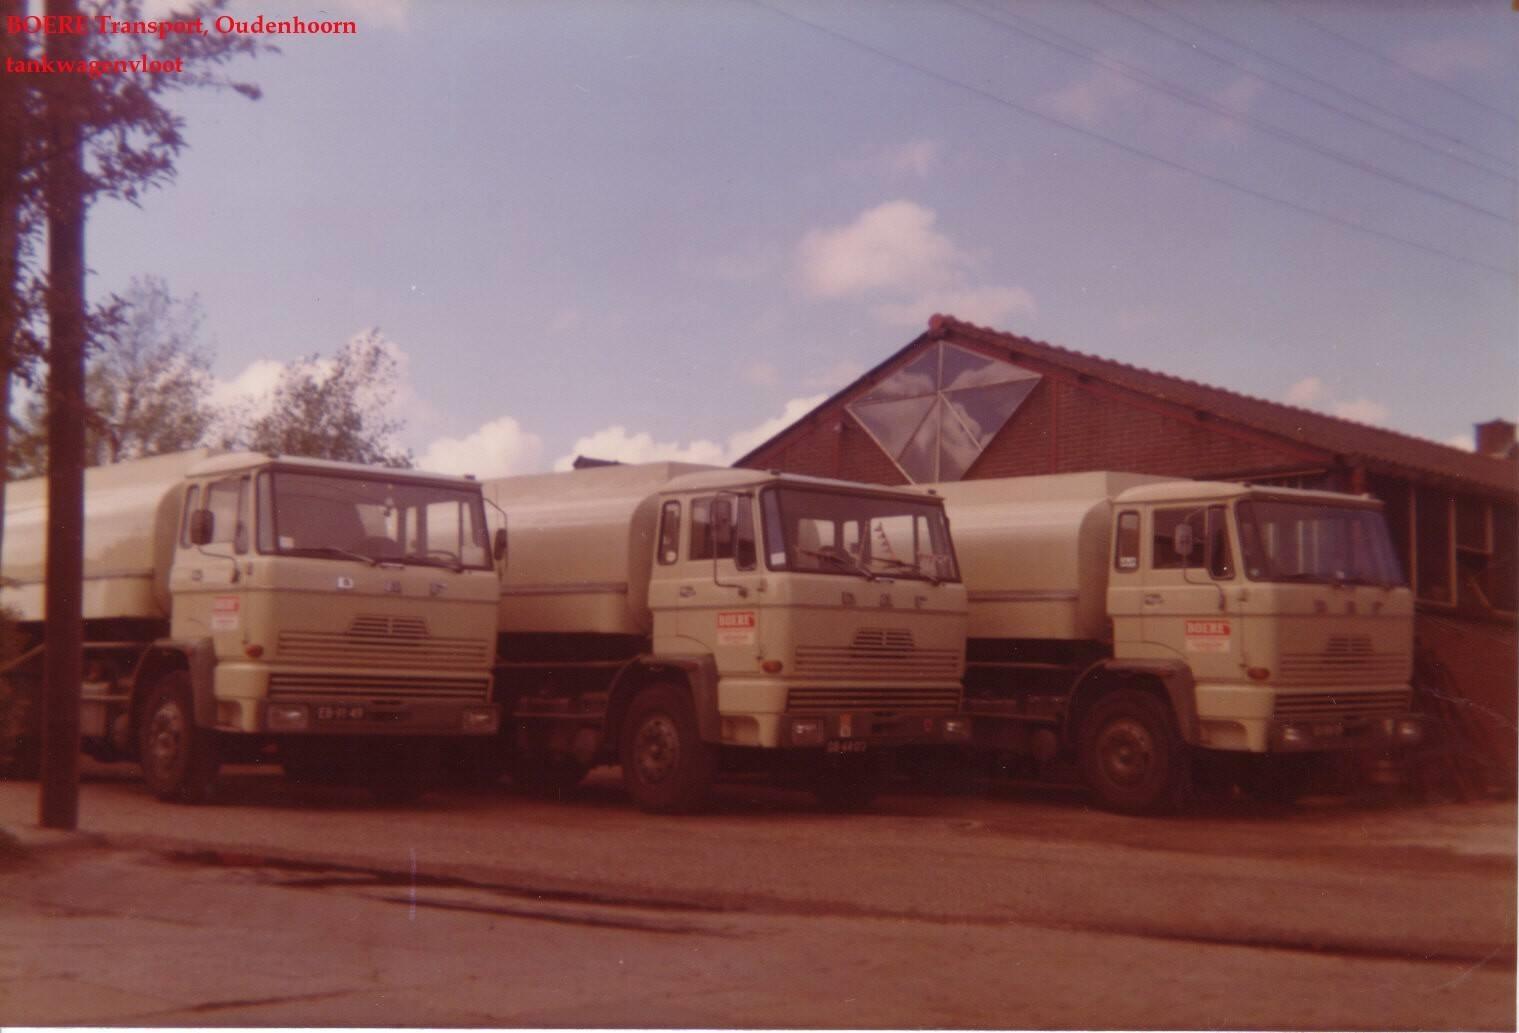 Boere-Oudenhoorn-transport